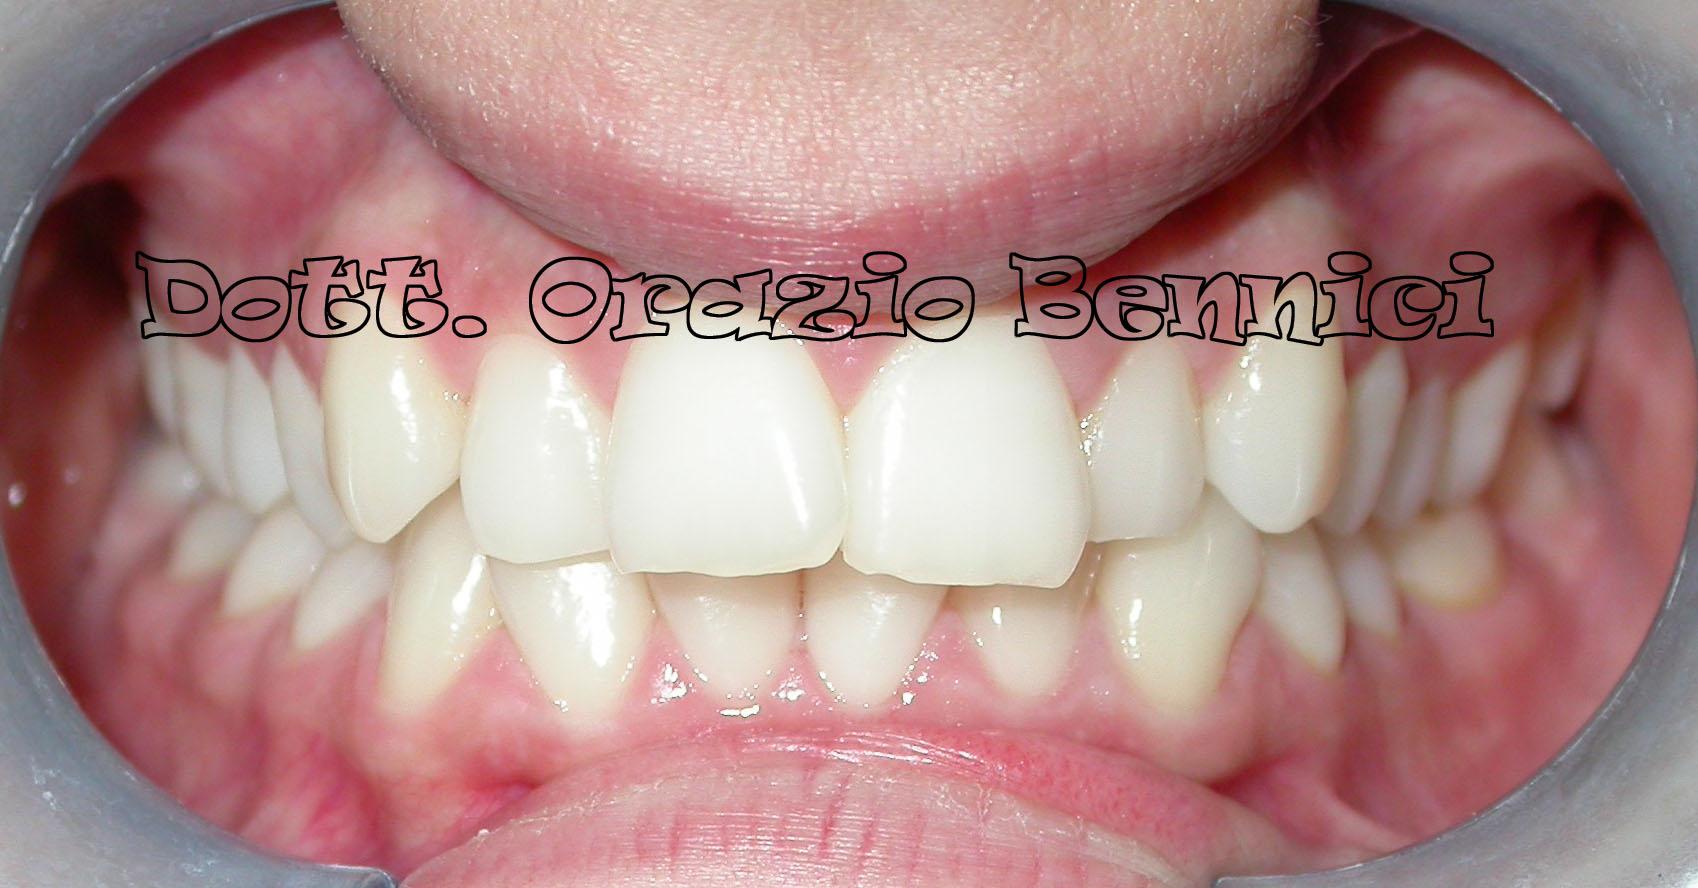 Blocco mandibolare e trattamento ortodontico linguale. Dr Orazio Bennici